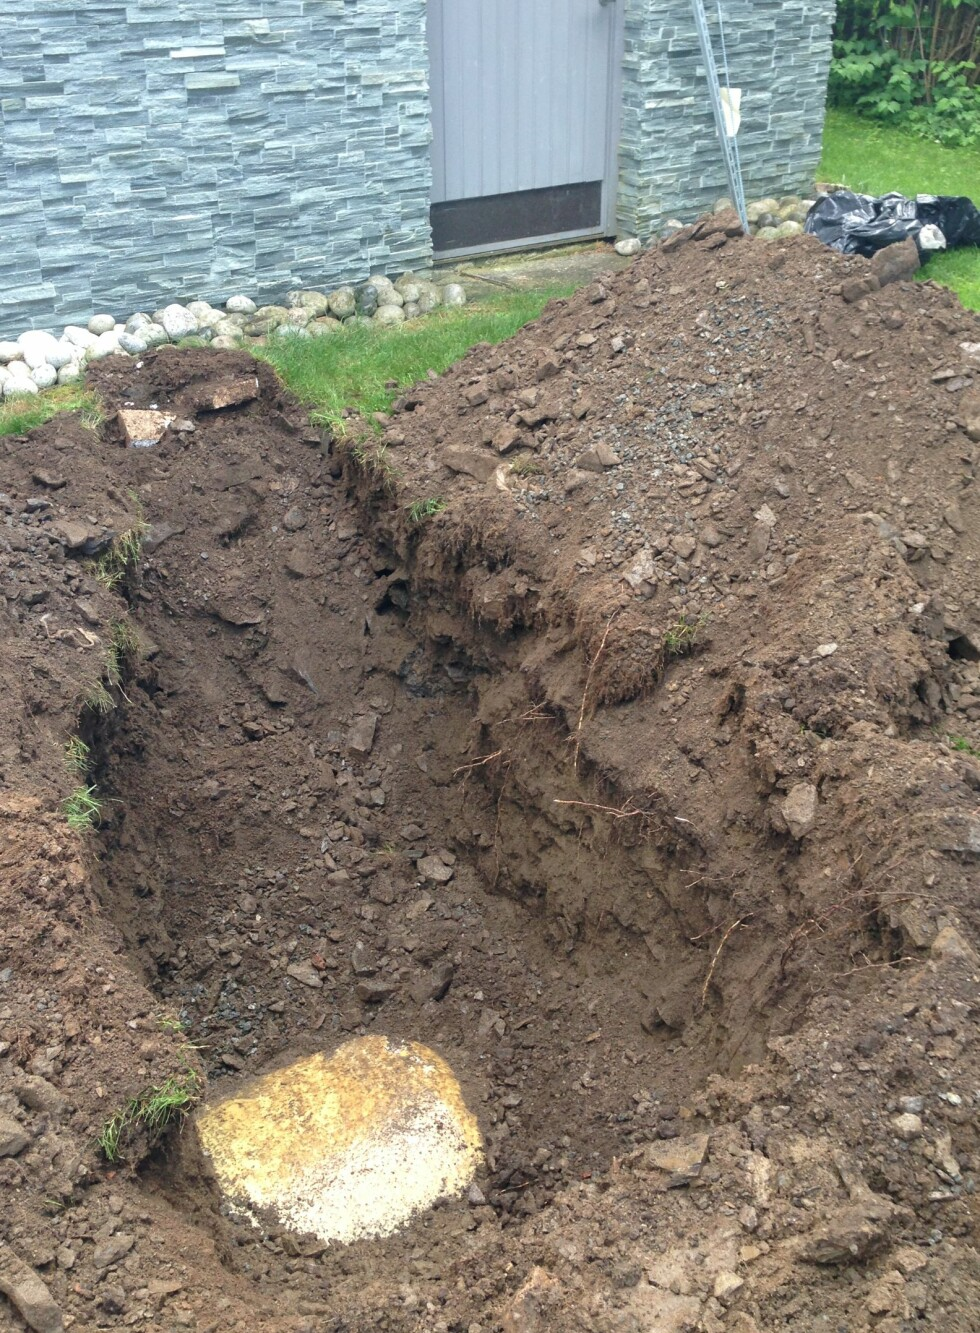 GRAVDE OPP:  Mye jord måtte flyttes på da de gravde frem oljetanken i hagen. Foto: PRIVAT